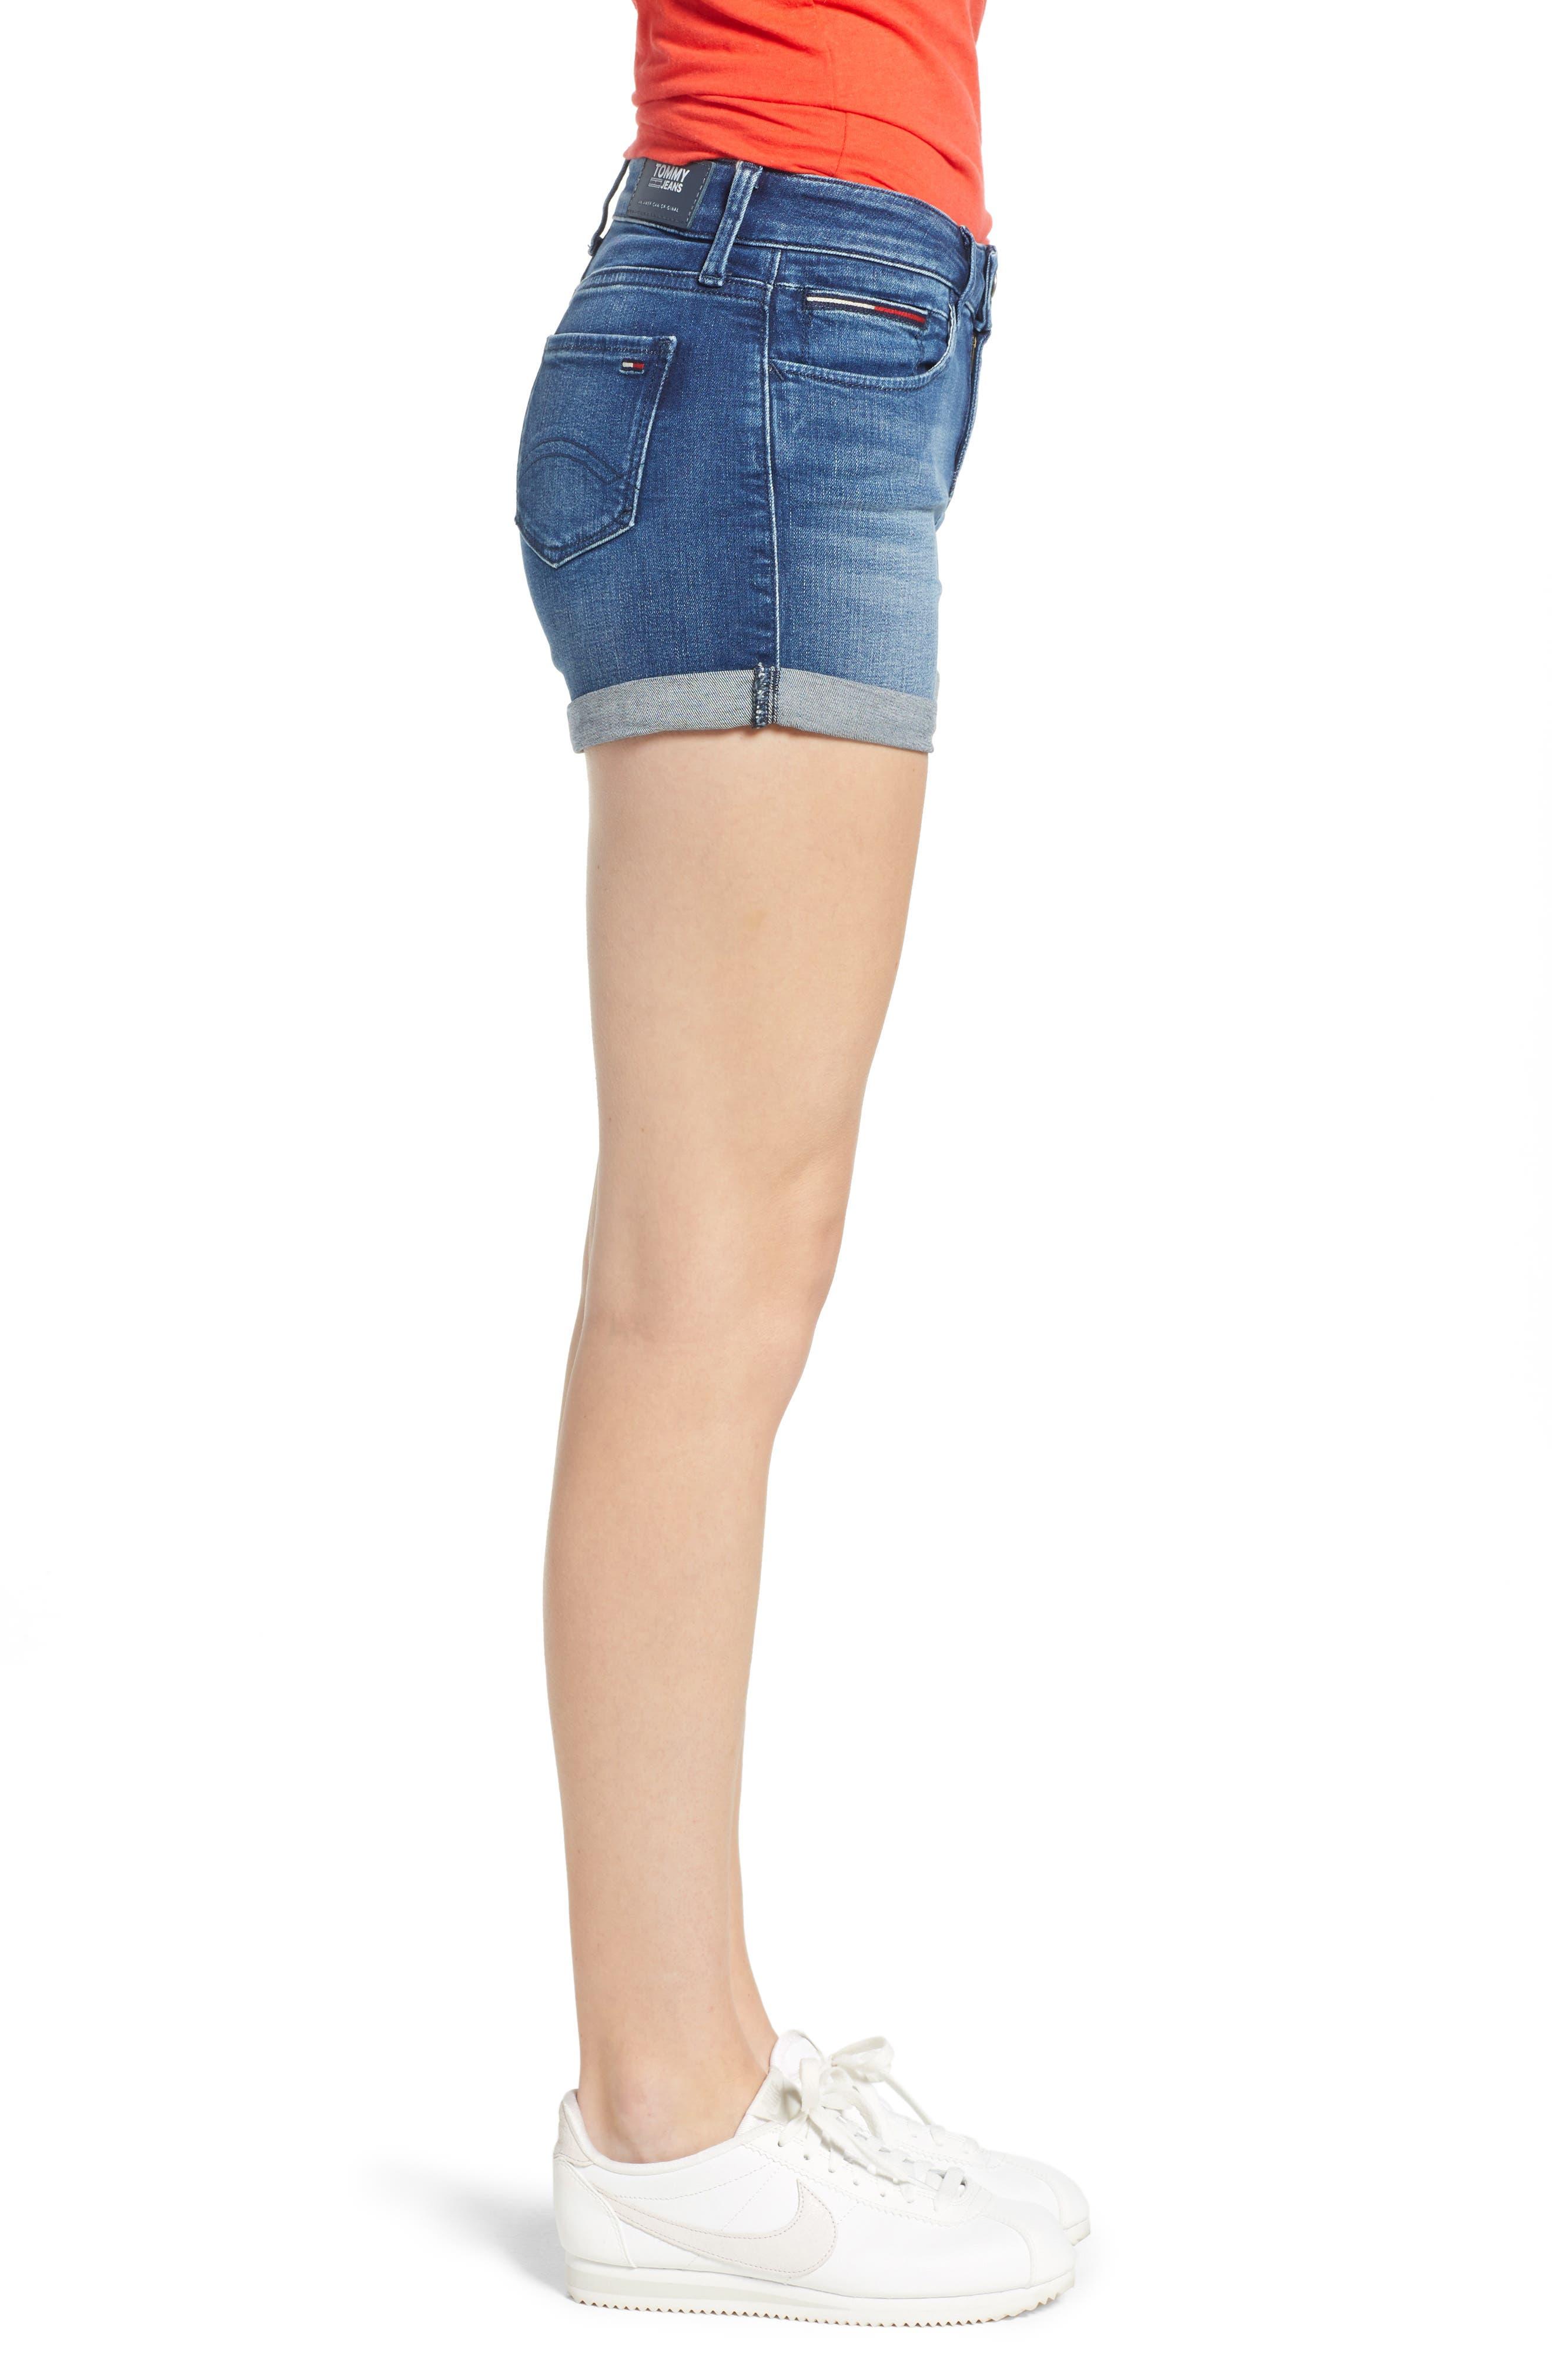 TJW Denim Shorts,                             Alternate thumbnail 4, color,                             Newport Blue